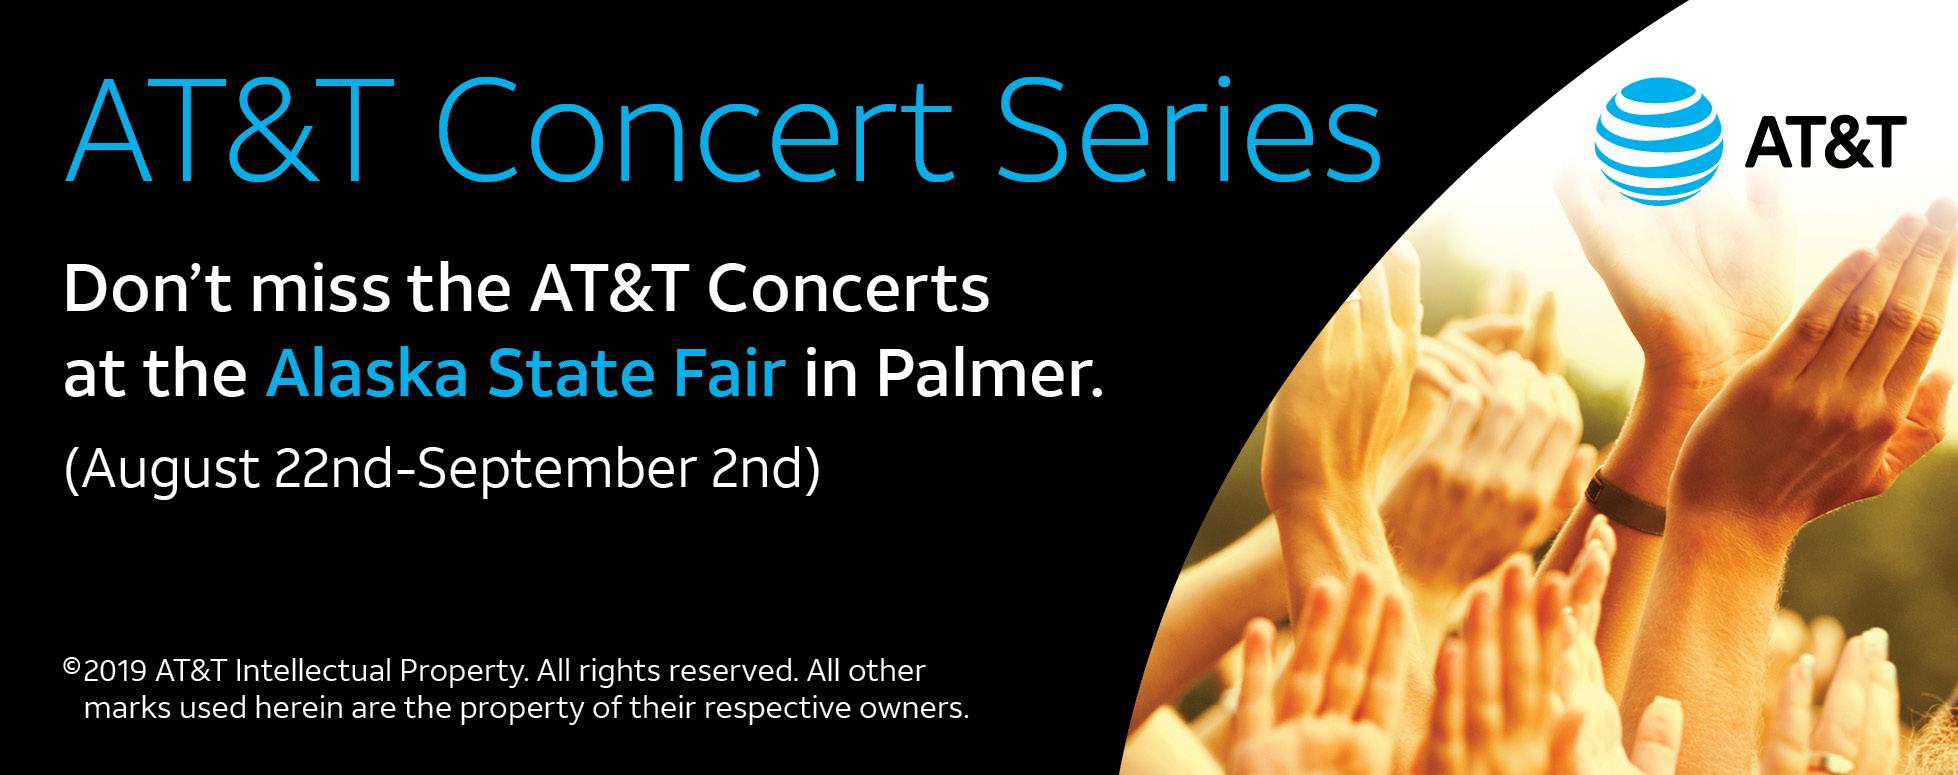 AT&T Concert Series. August 22nd-September 2nd, 2019, Alaska State Fair, Palmer.